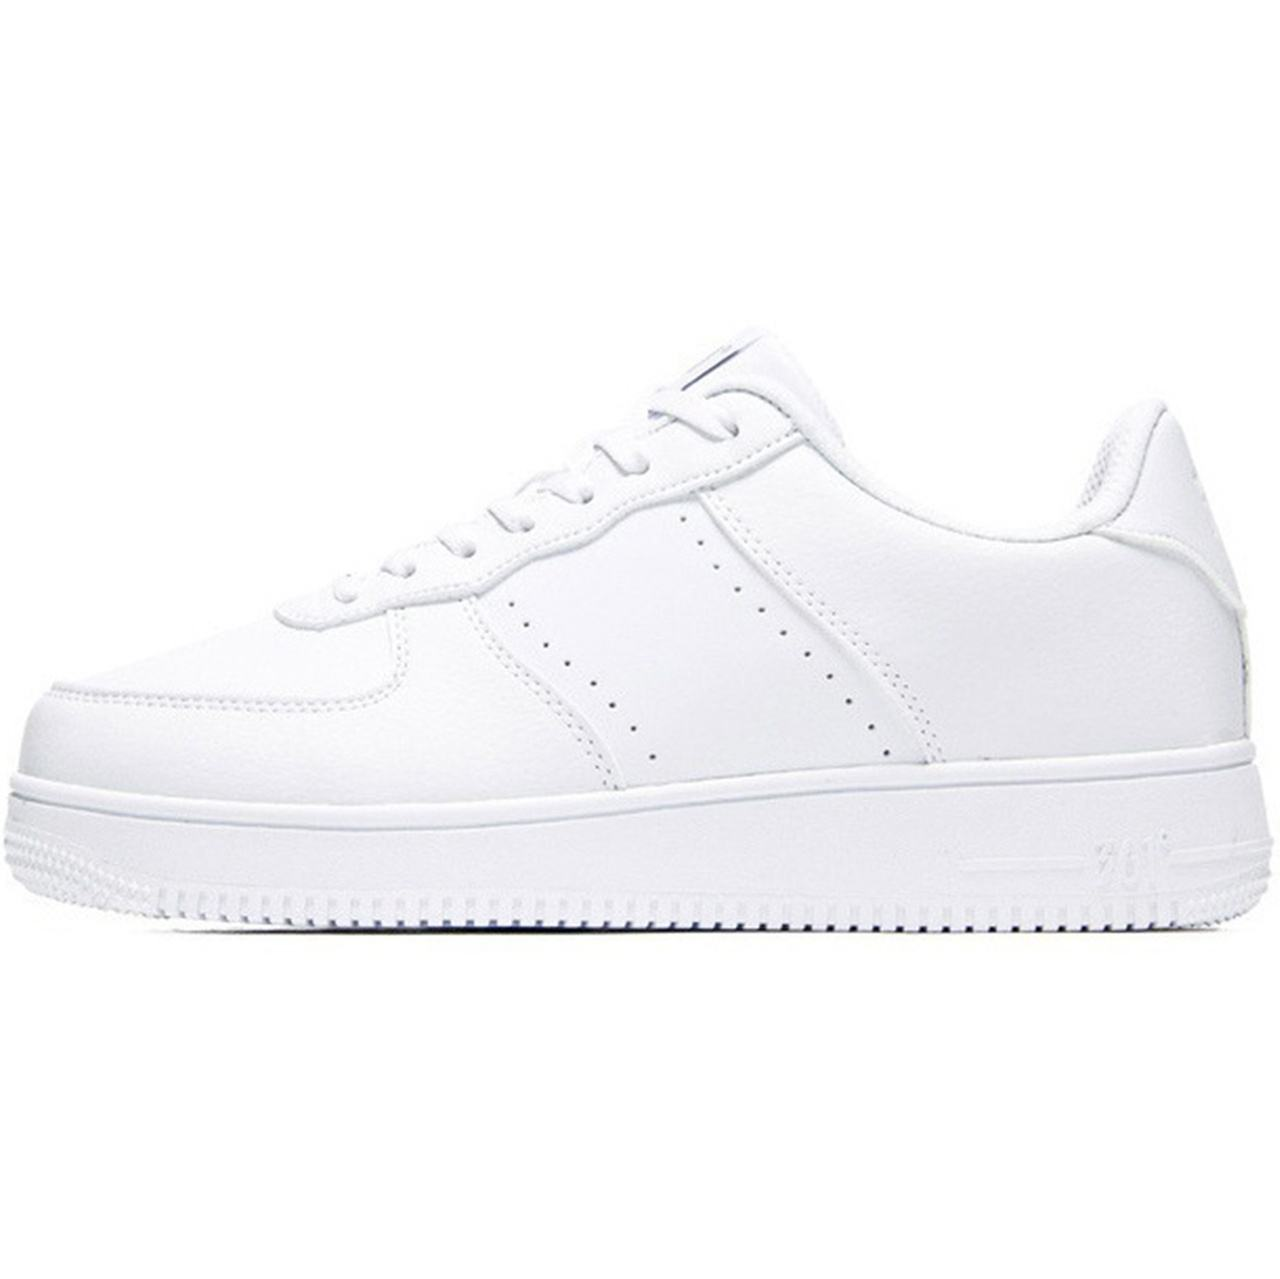 کفش راحتی زنانه 361 درجه کد 681916606 -  - 1